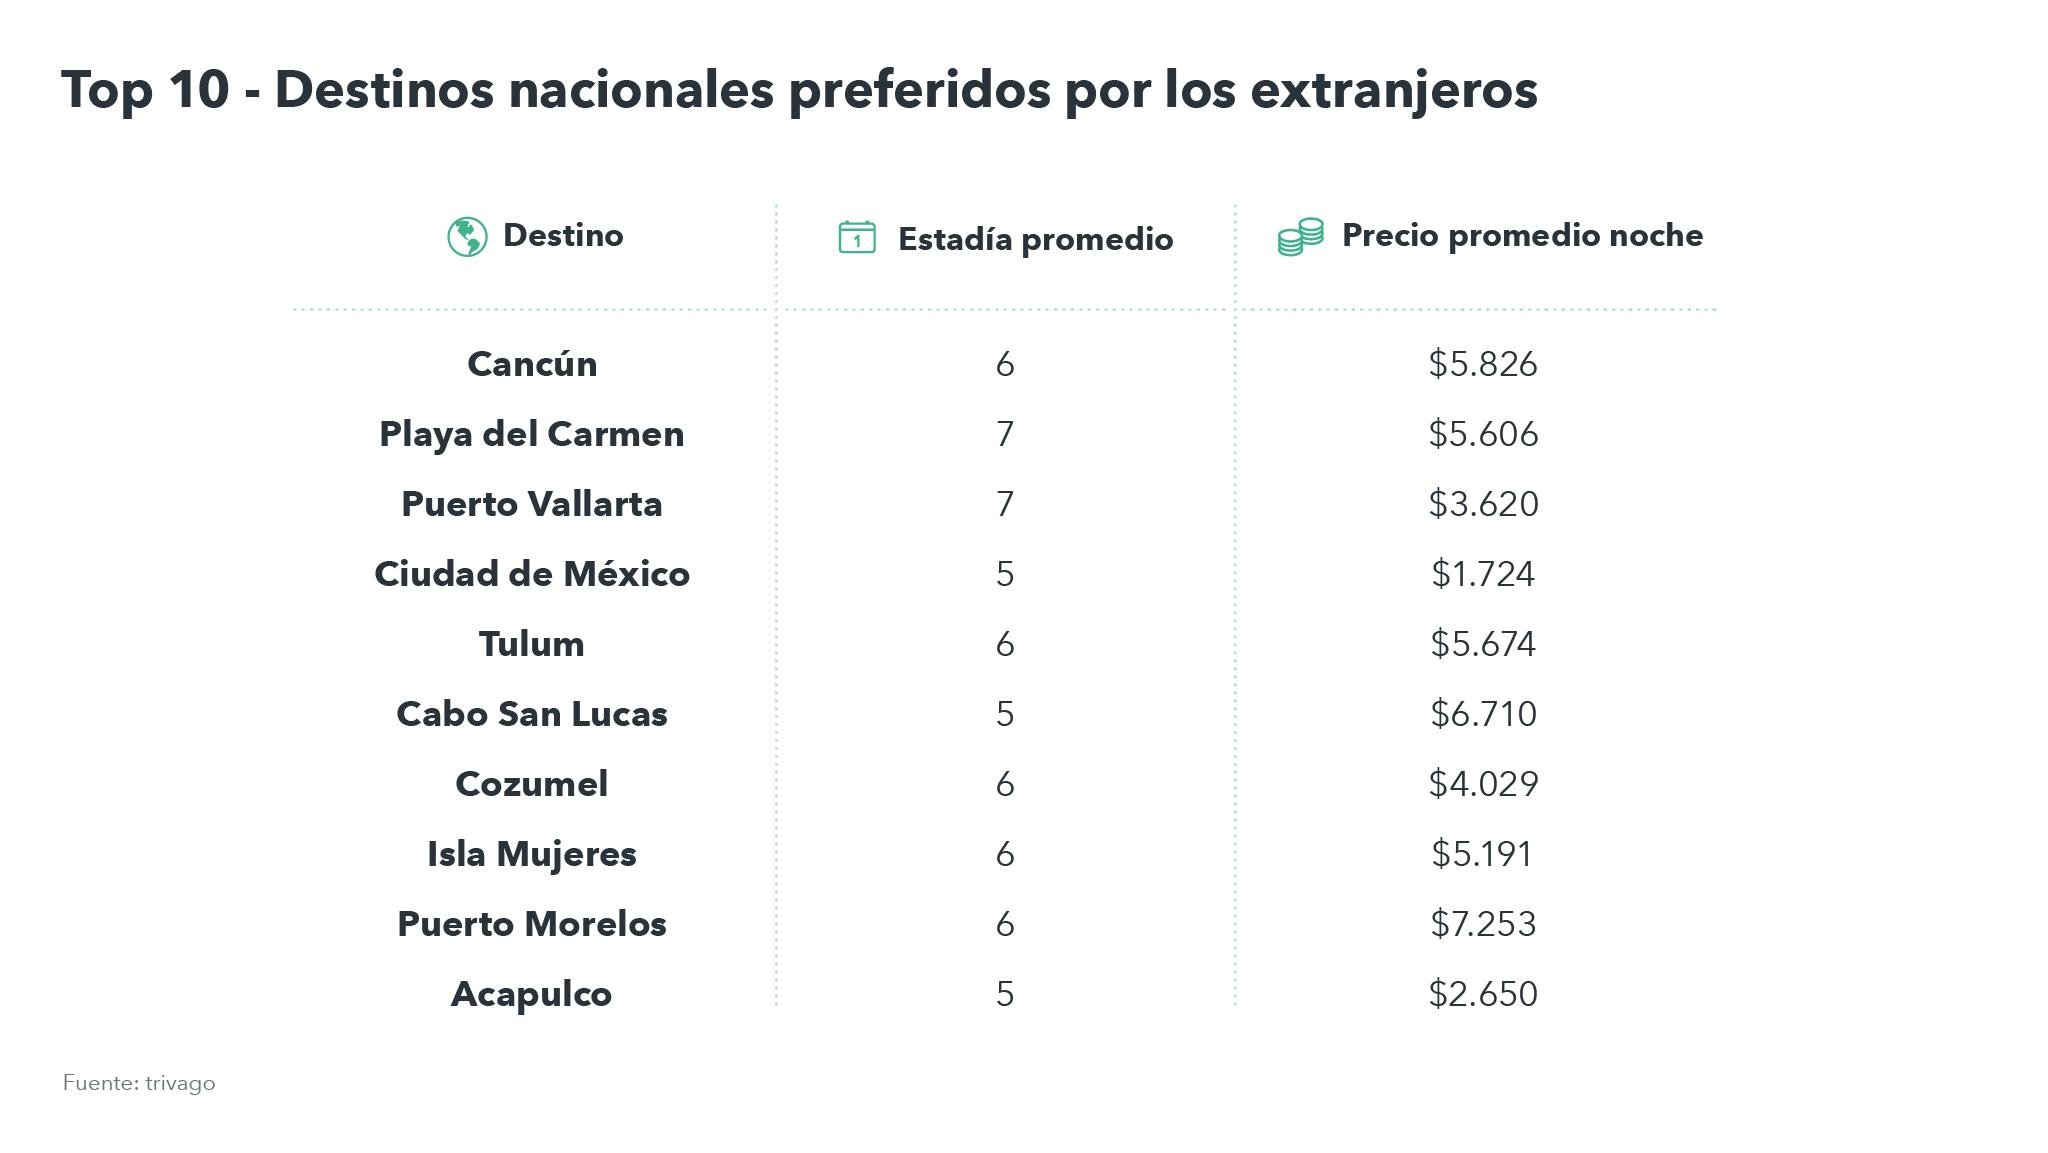 Tabla precios promedio viajeros internacionales en México